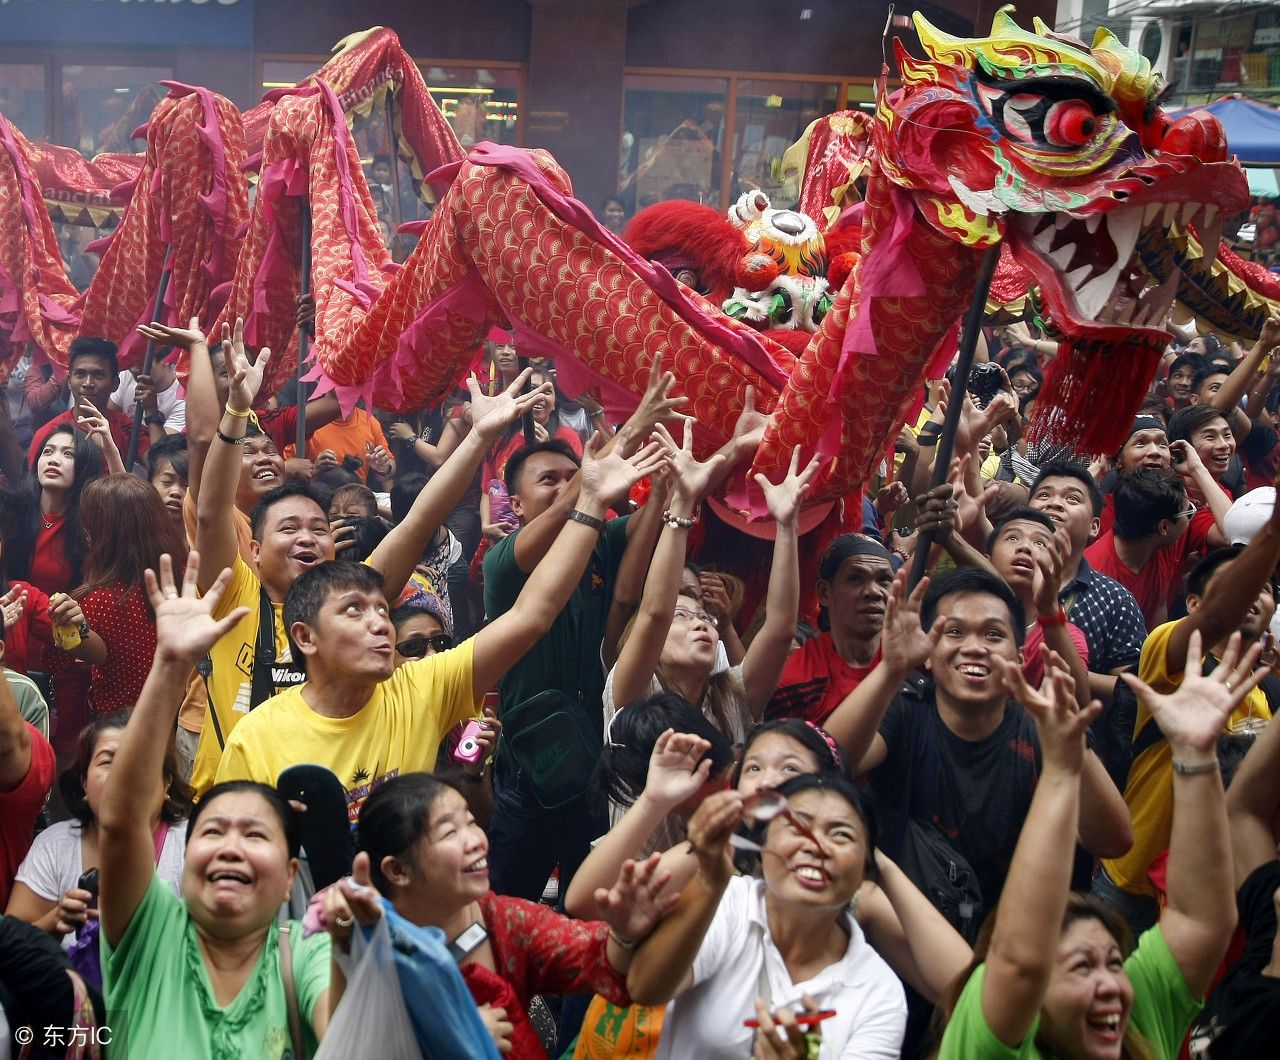 世界上海外华人最多的十个国家,新加坡排第六